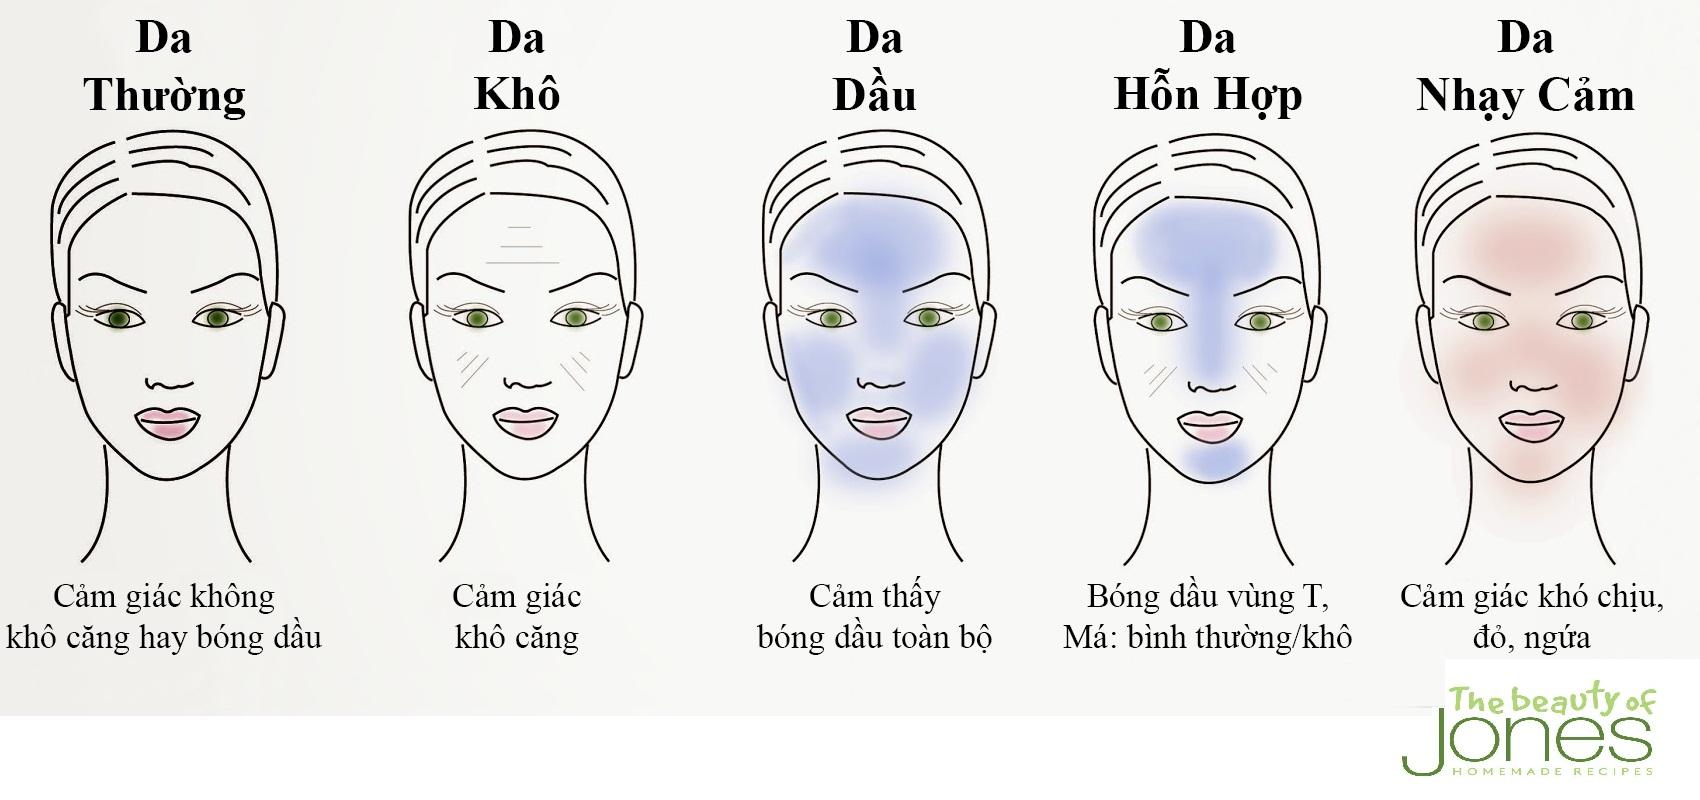 Các cách xác định loại da tại nhà - Giúp bạn sạch mụn